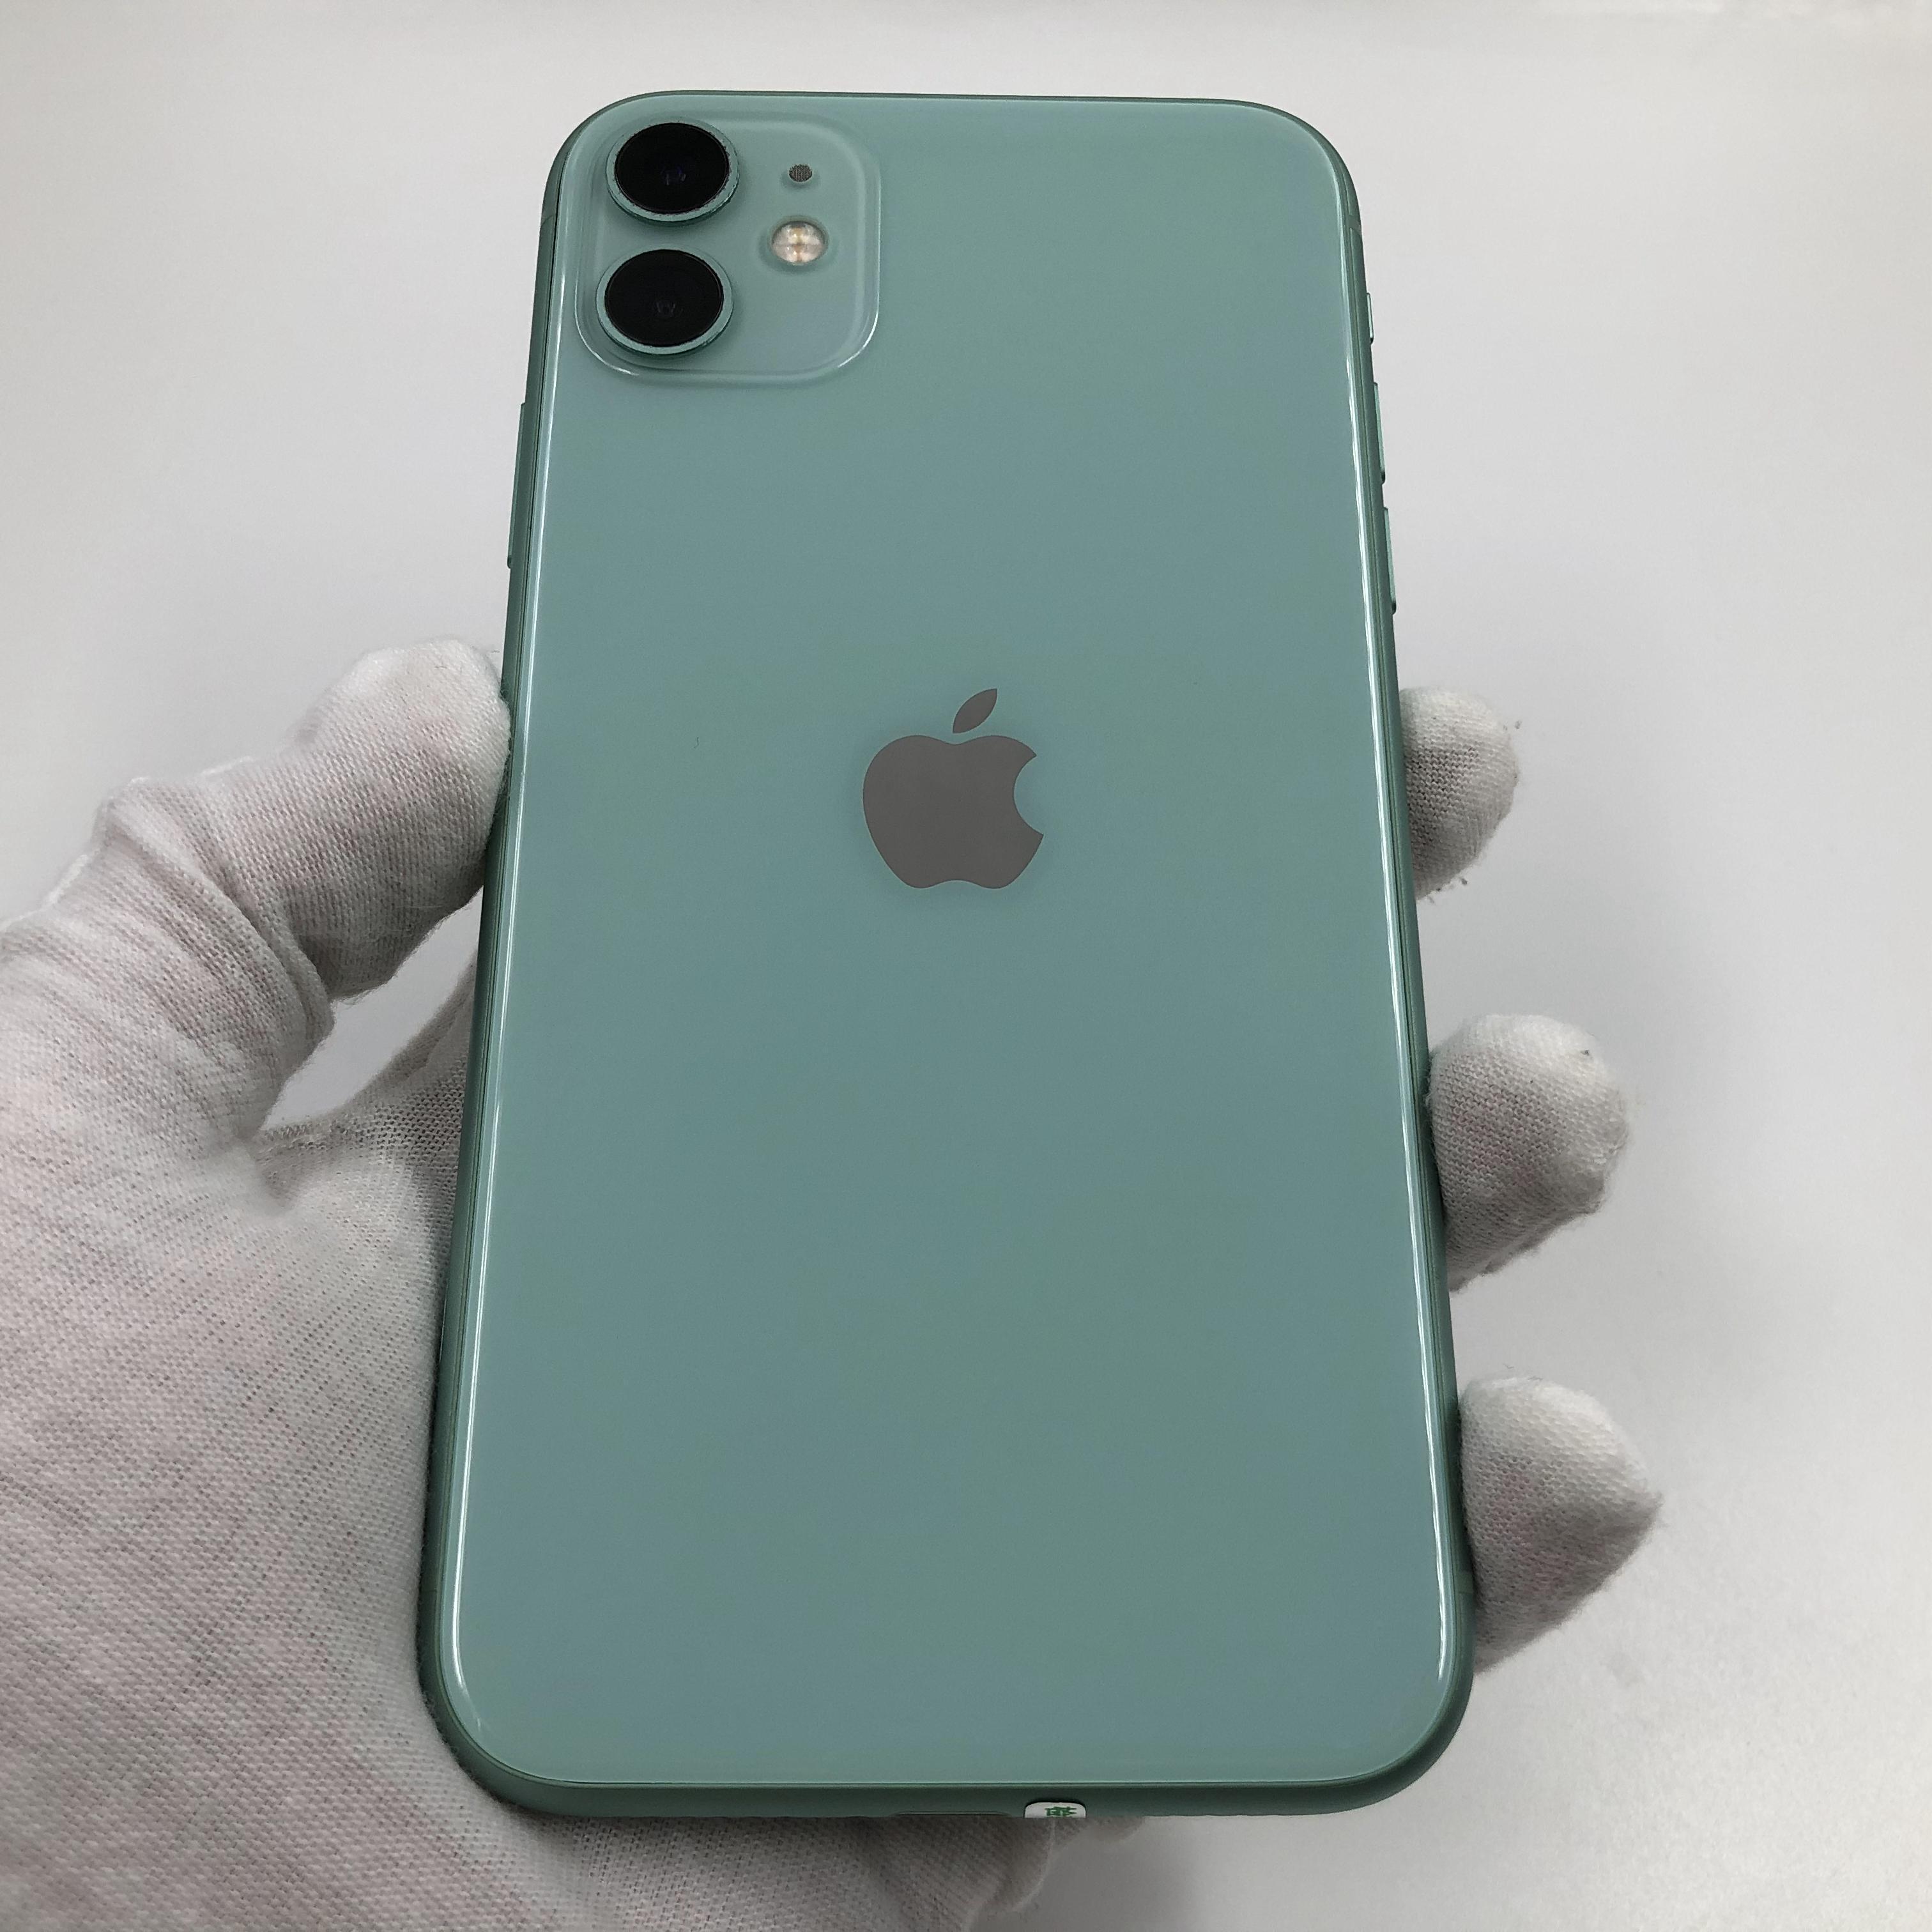 苹果【iPhone 11】4G全网通 绿色 128G 国行 9成新 真机实拍